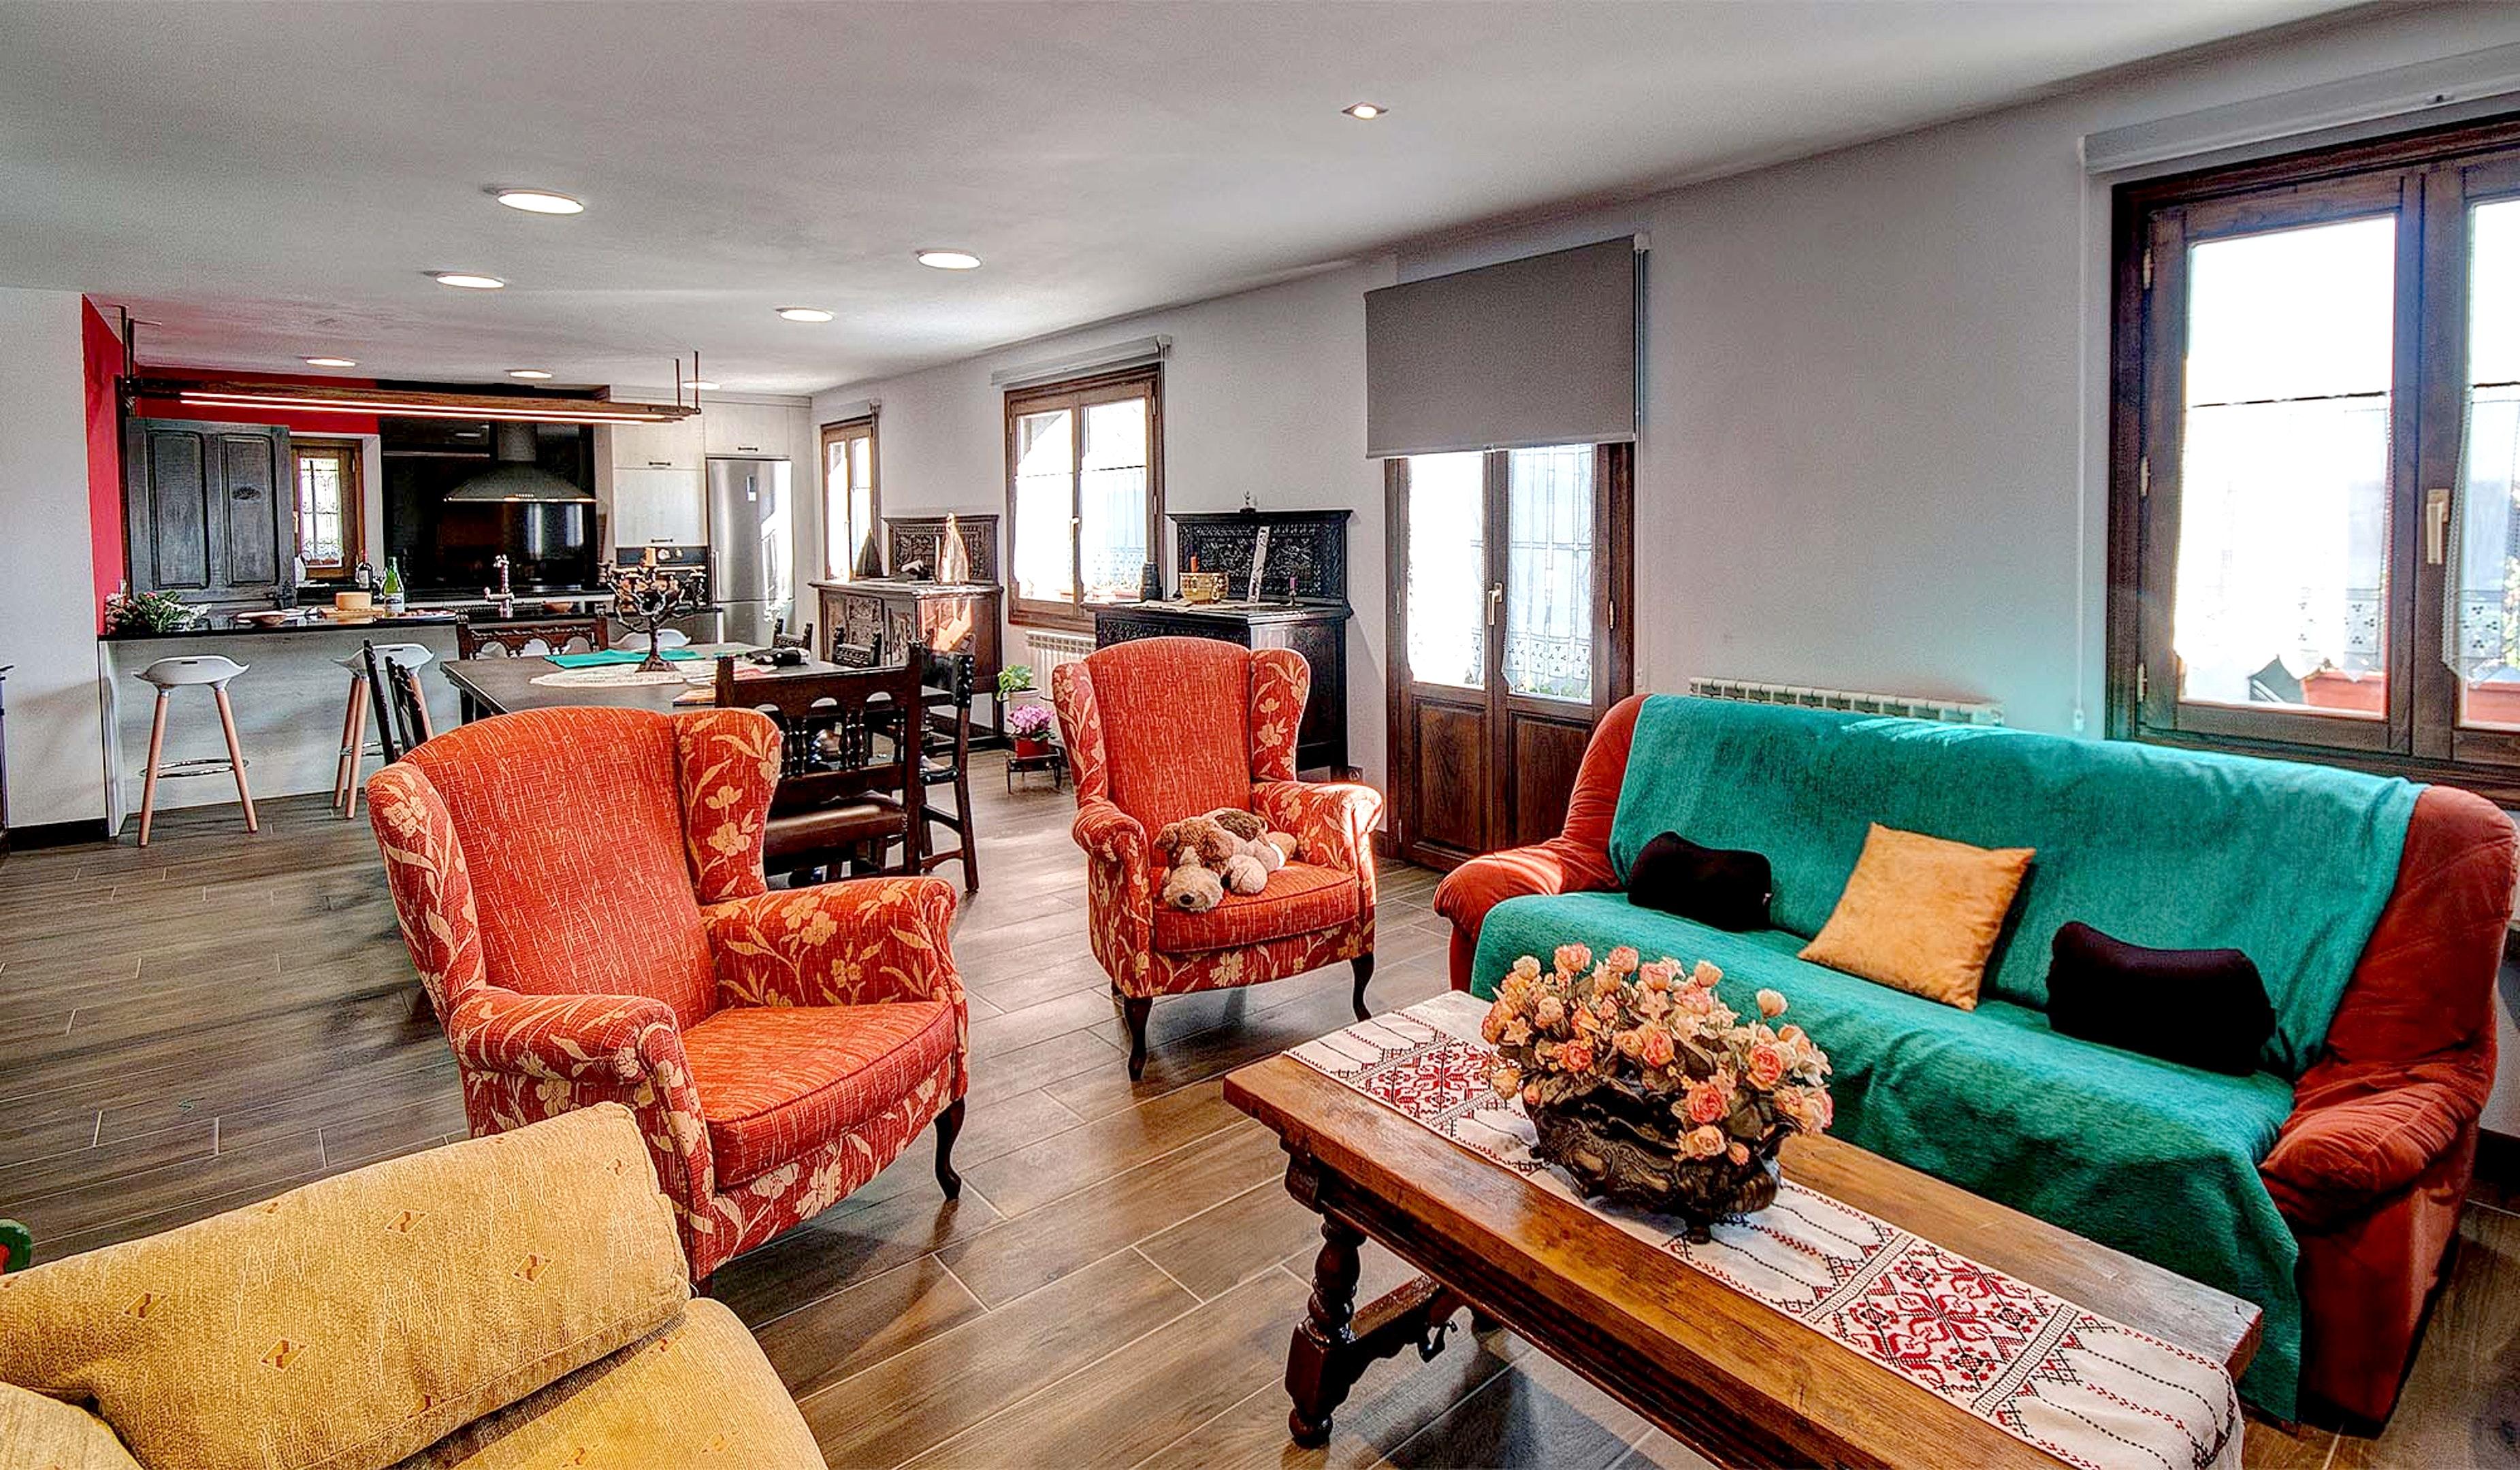 Ferienhaus Haus mit 5 Schlafzimmern in Baráibar mit toller Aussicht auf die Berge, möbliertem Garten  (2541138), Baraibar, , Navarra, Spanien, Bild 2